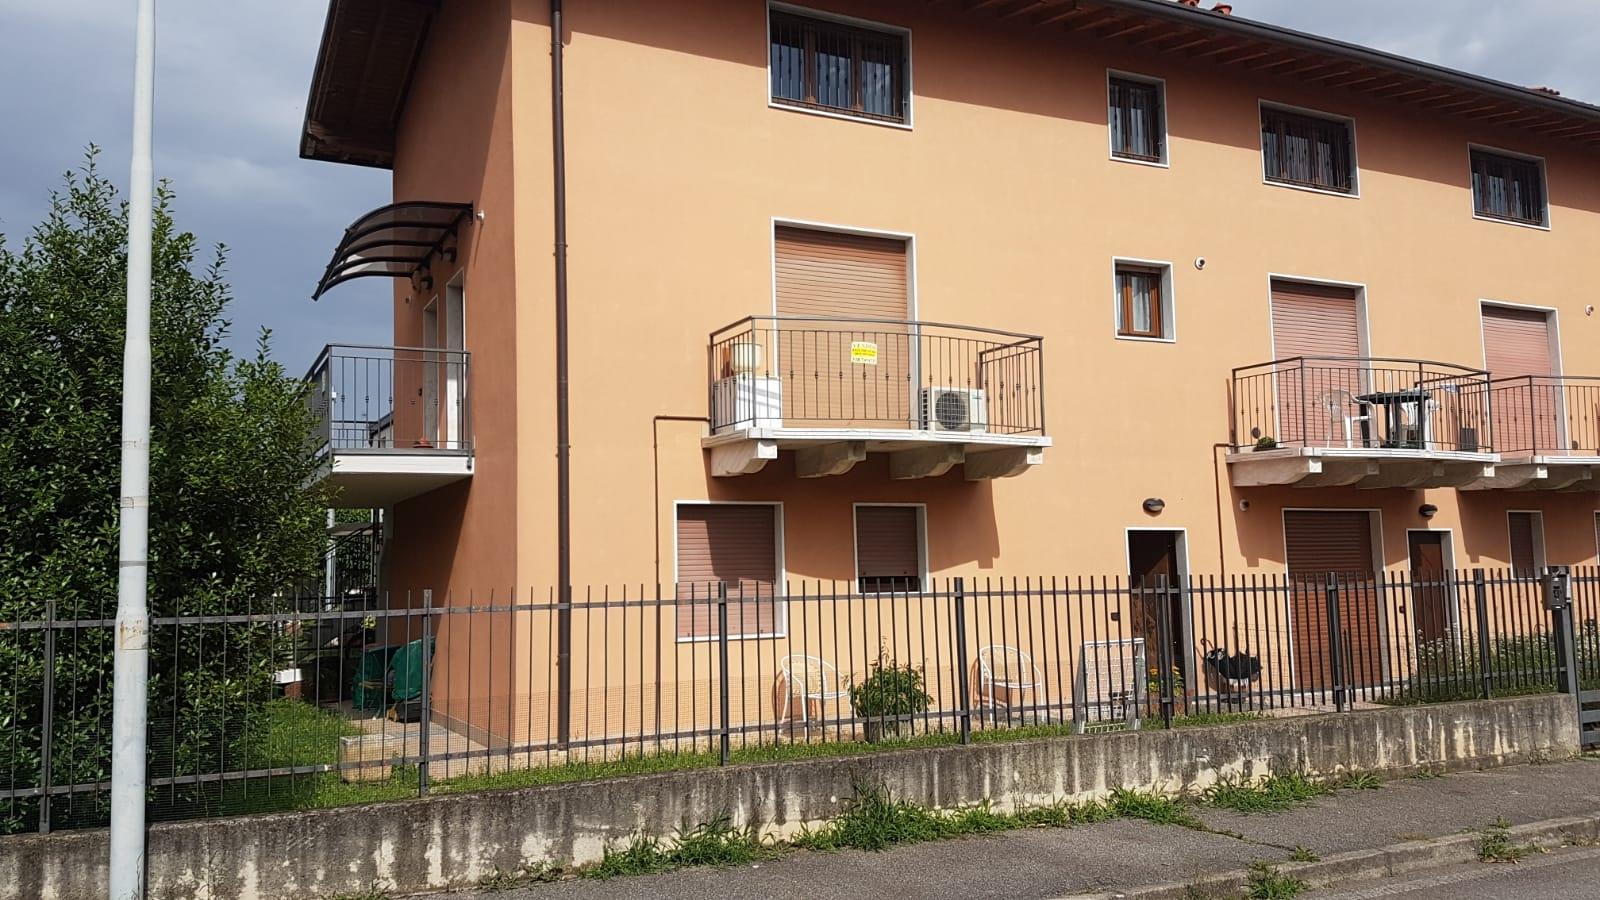 Appartamento in vendita a Zanica, 3 locali, prezzo € 128.500 | CambioCasa.it